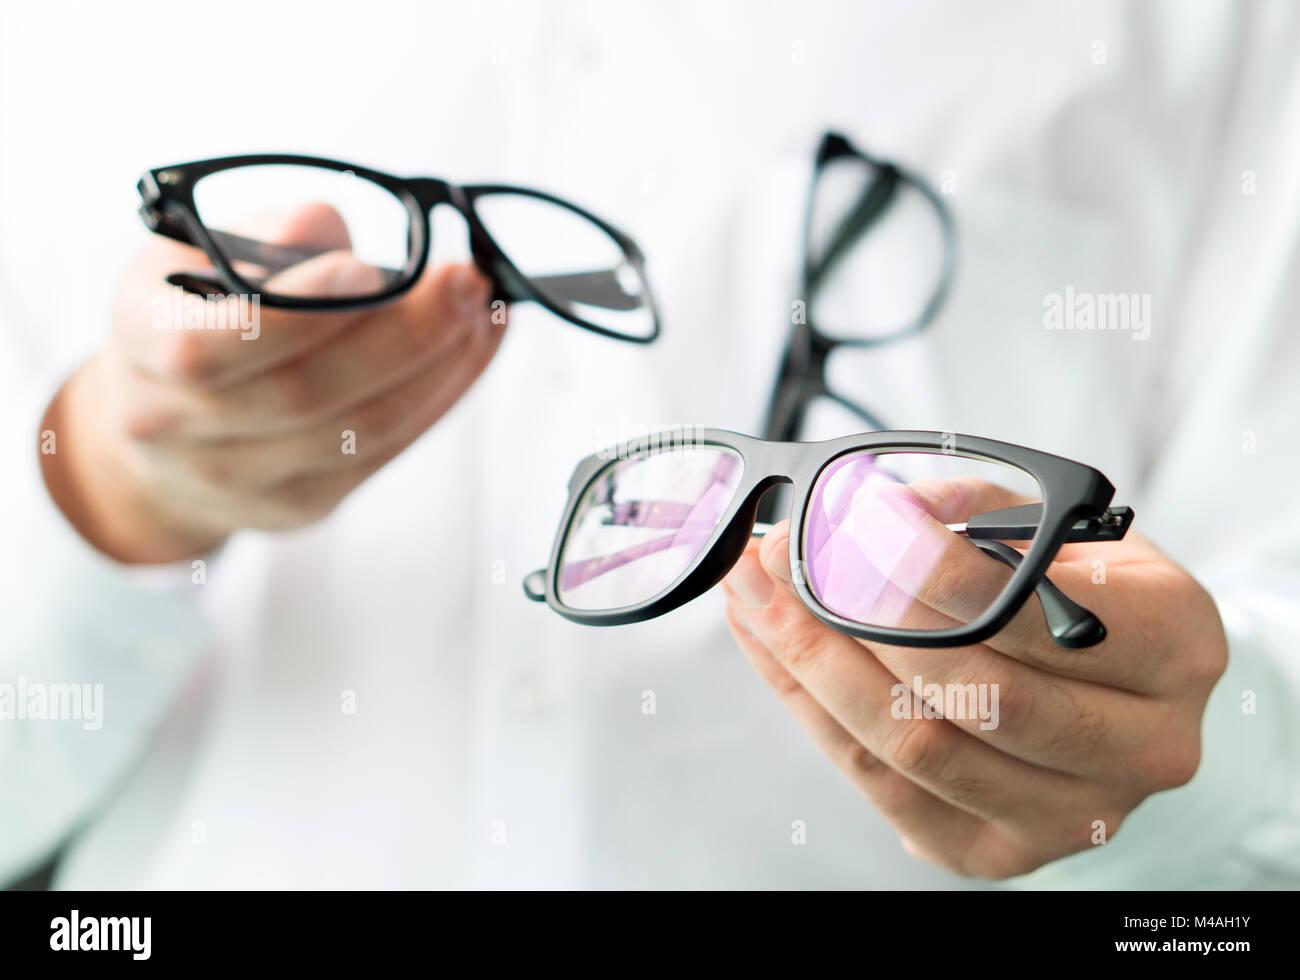 4215e8cc6bb896 La comparaison de l opticien lentilles ou montrant différentes options de  lunettes. Docteur d